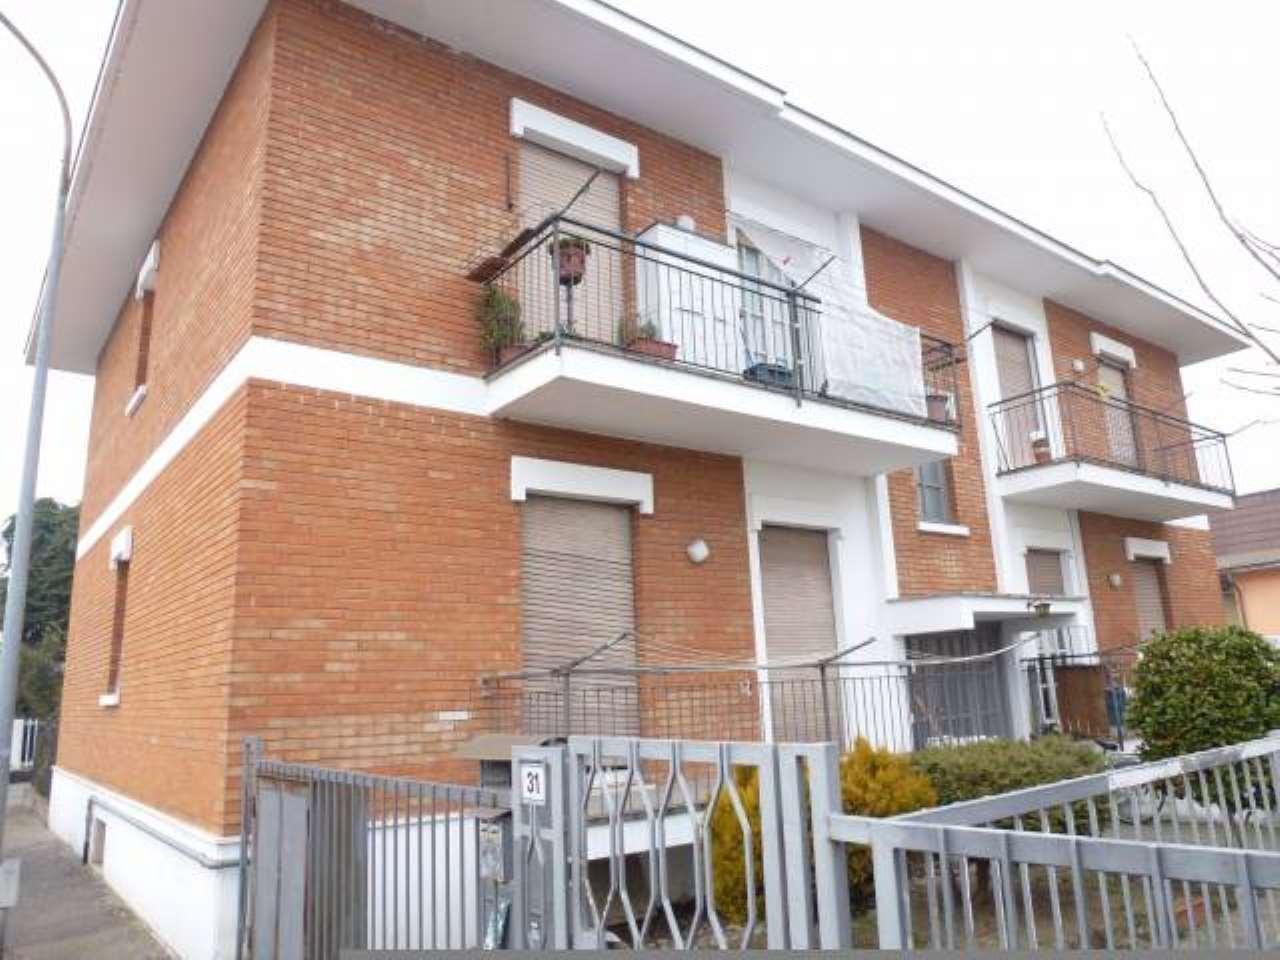 Appartamento in affitto a Vercelli, 4 locali, prezzo € 550 | CambioCasa.it